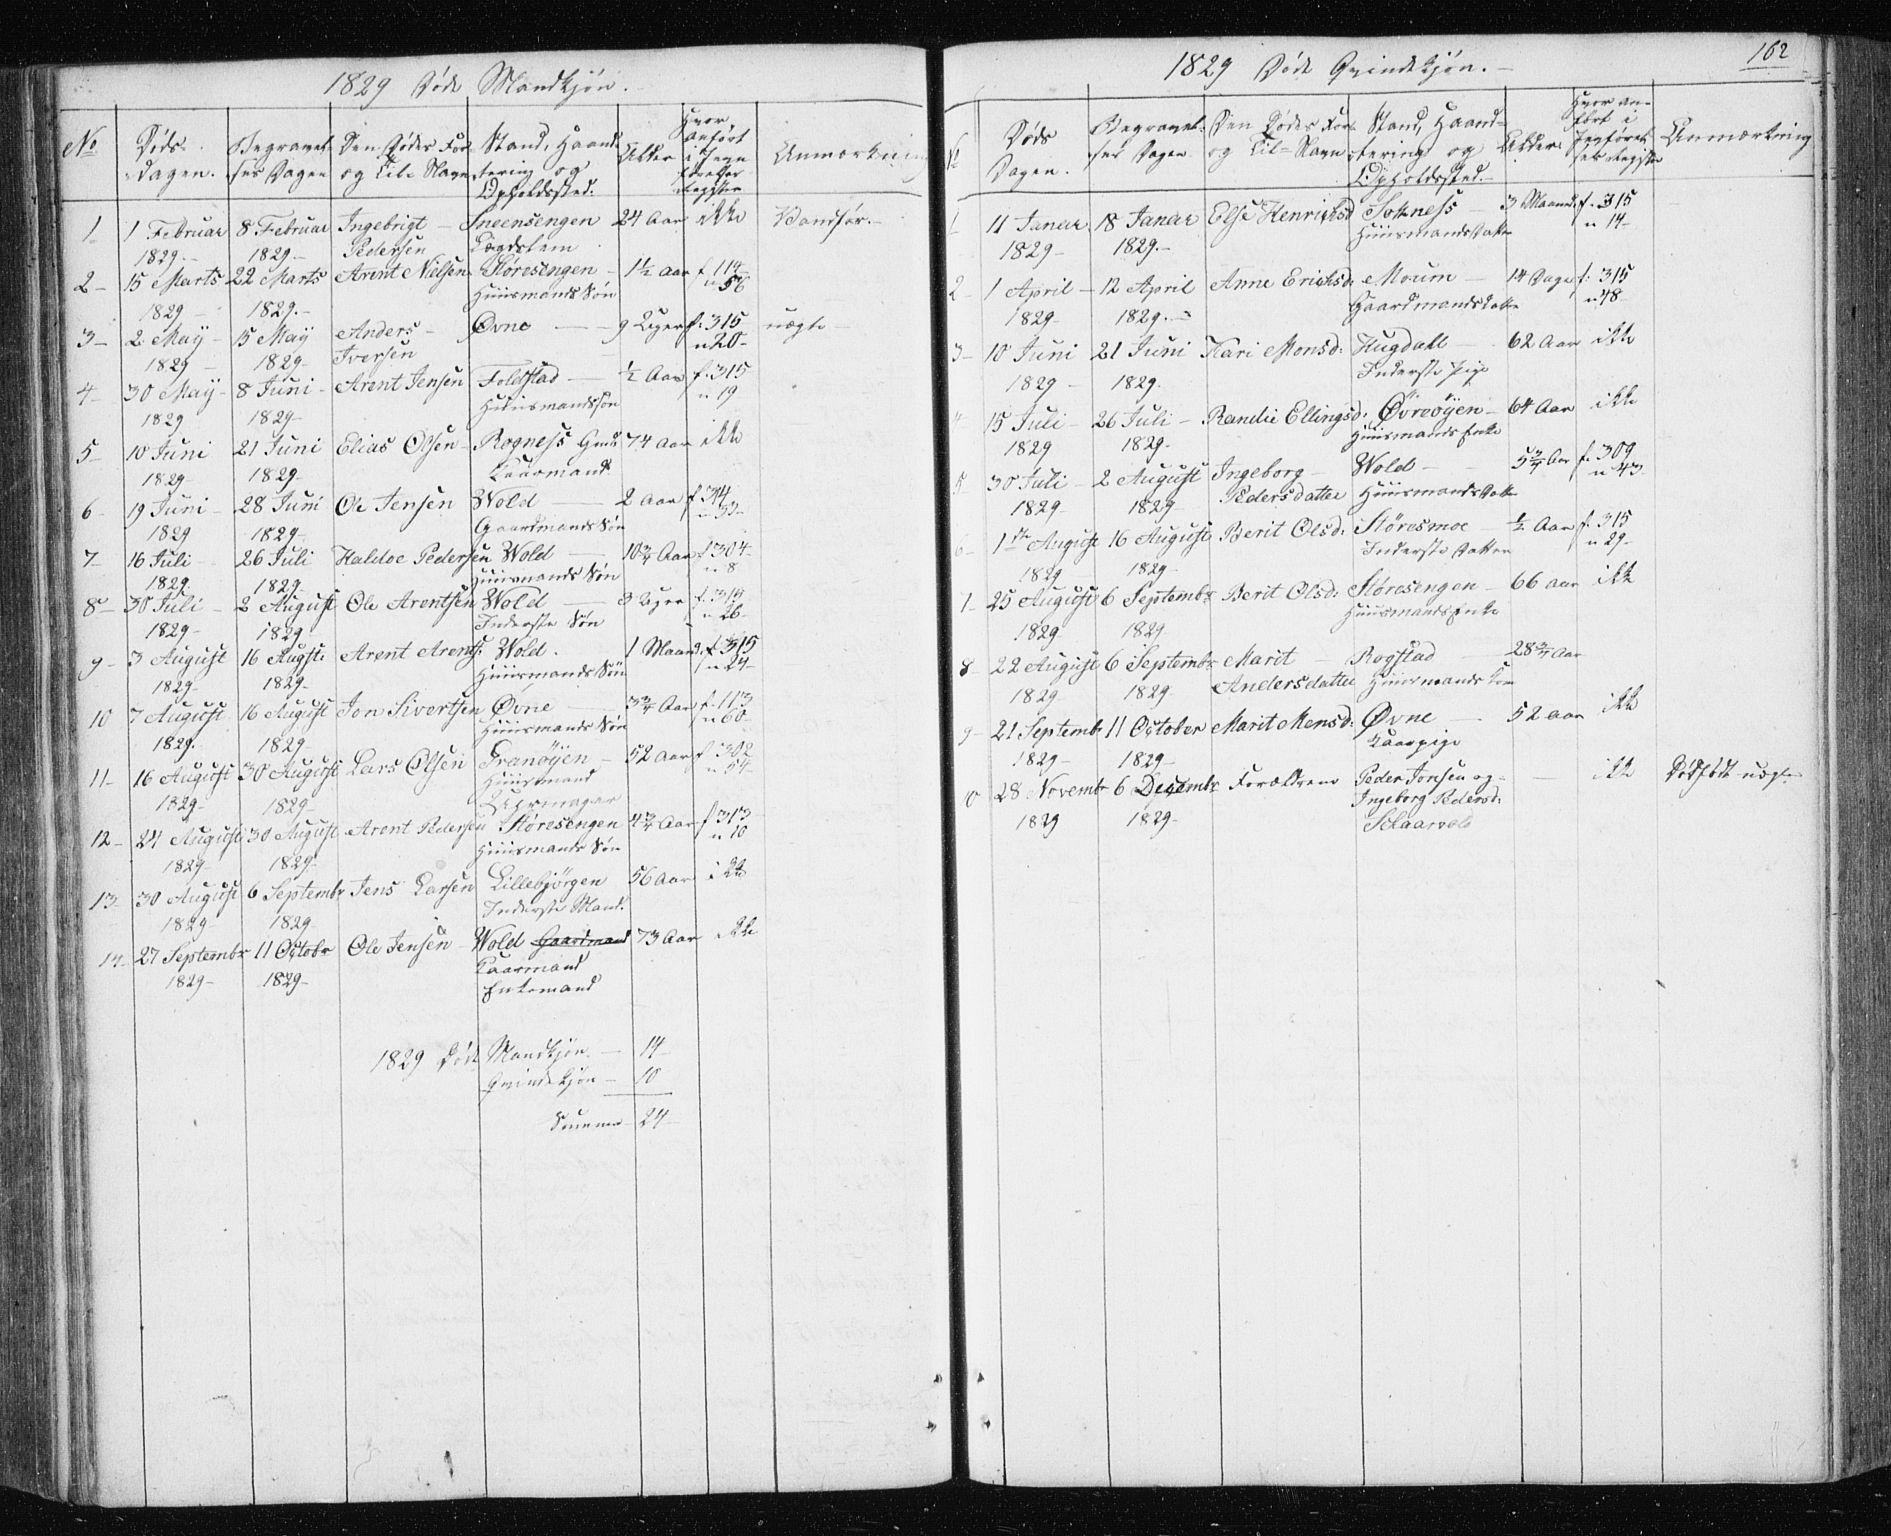 SAT, Ministerialprotokoller, klokkerbøker og fødselsregistre - Sør-Trøndelag, 687/L1017: Klokkerbok nr. 687C01, 1816-1837, s. 162